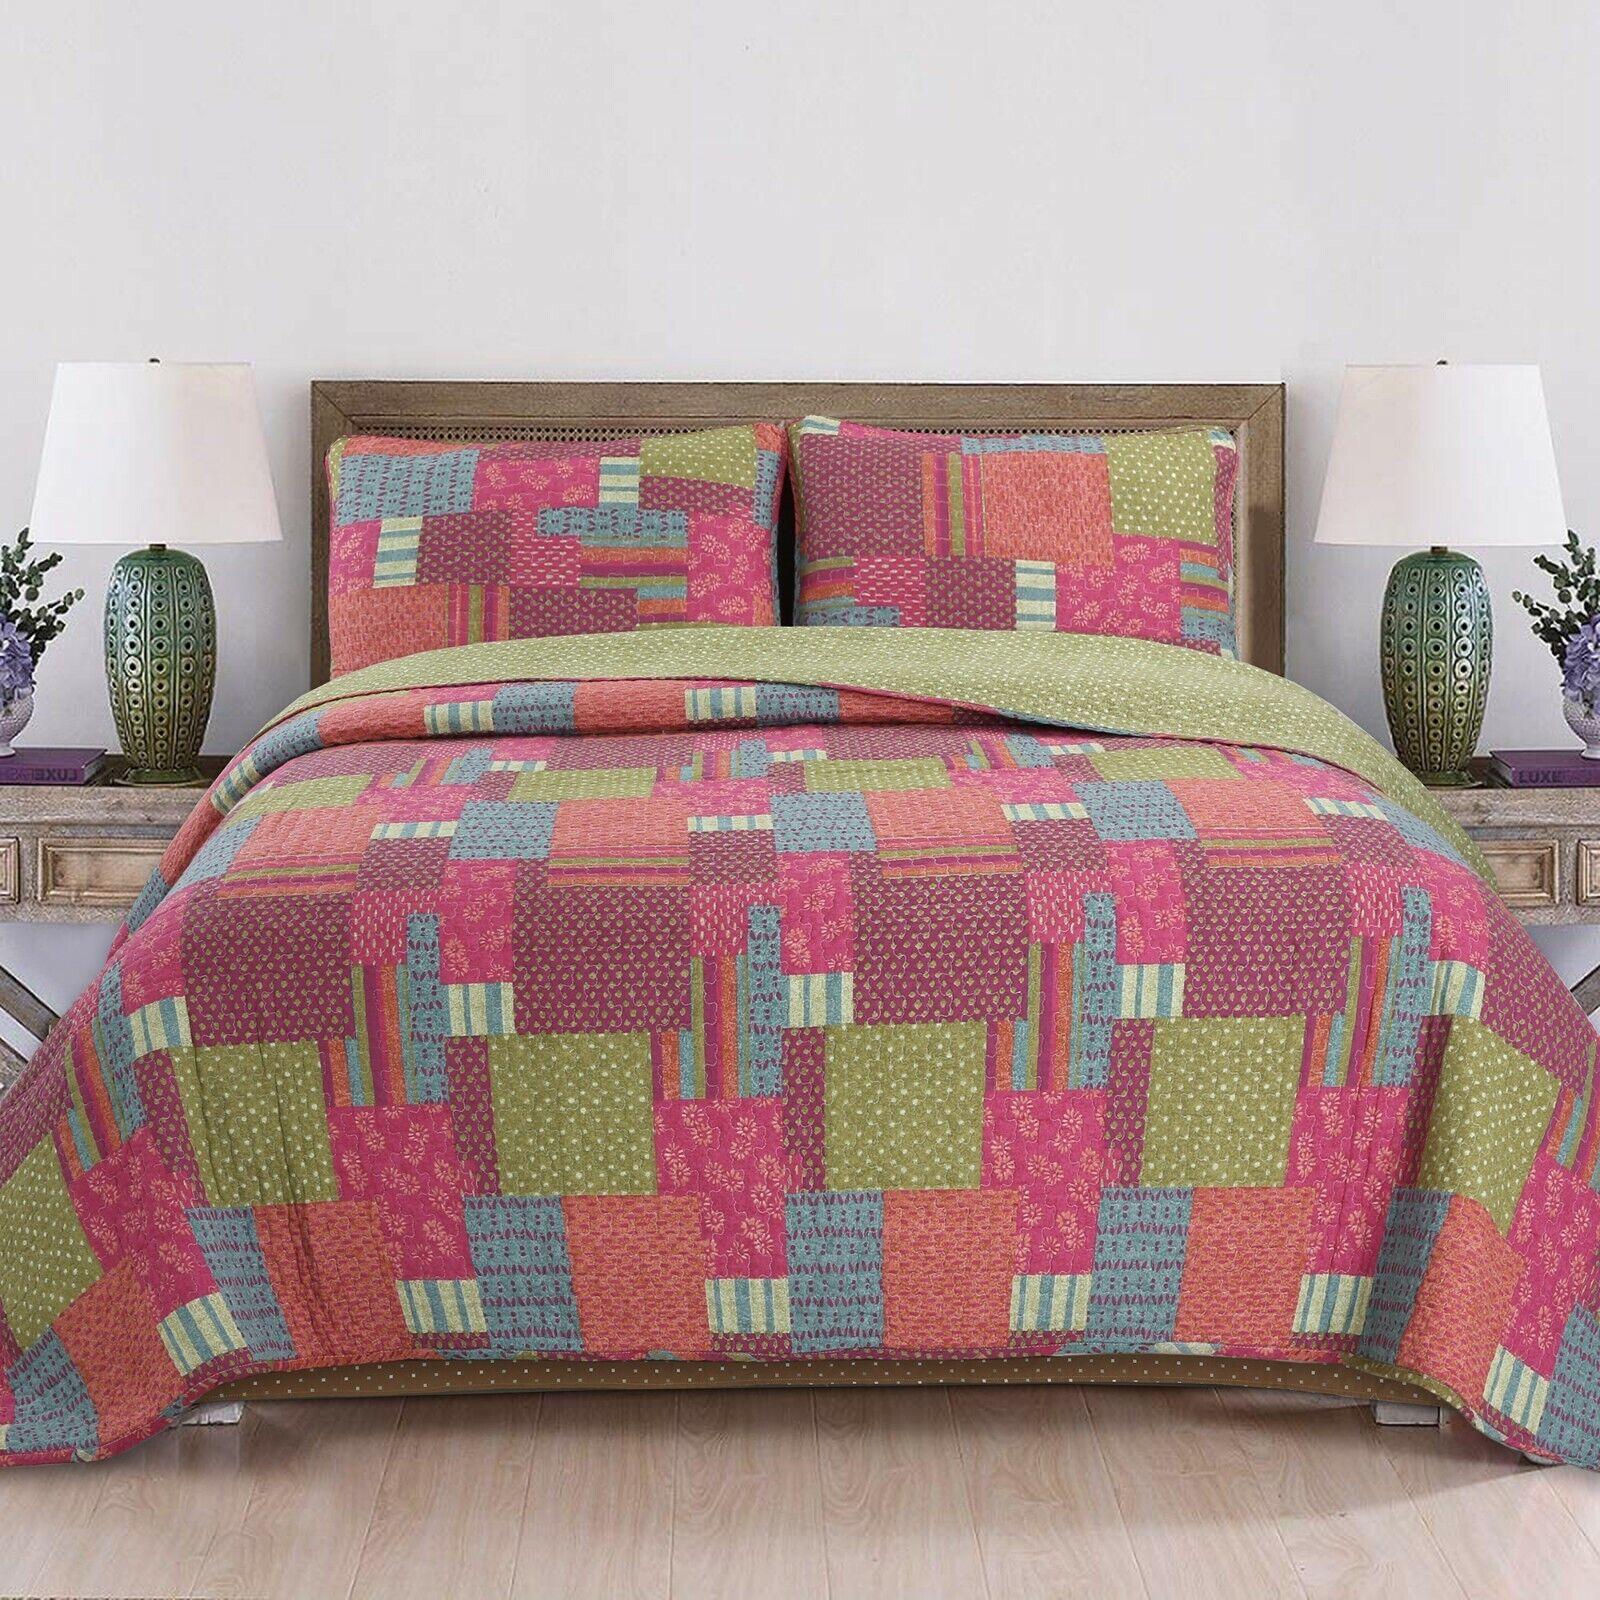 Cozy Line Daleyza Patchwork 3- Piece Reversible Cotton Quilt